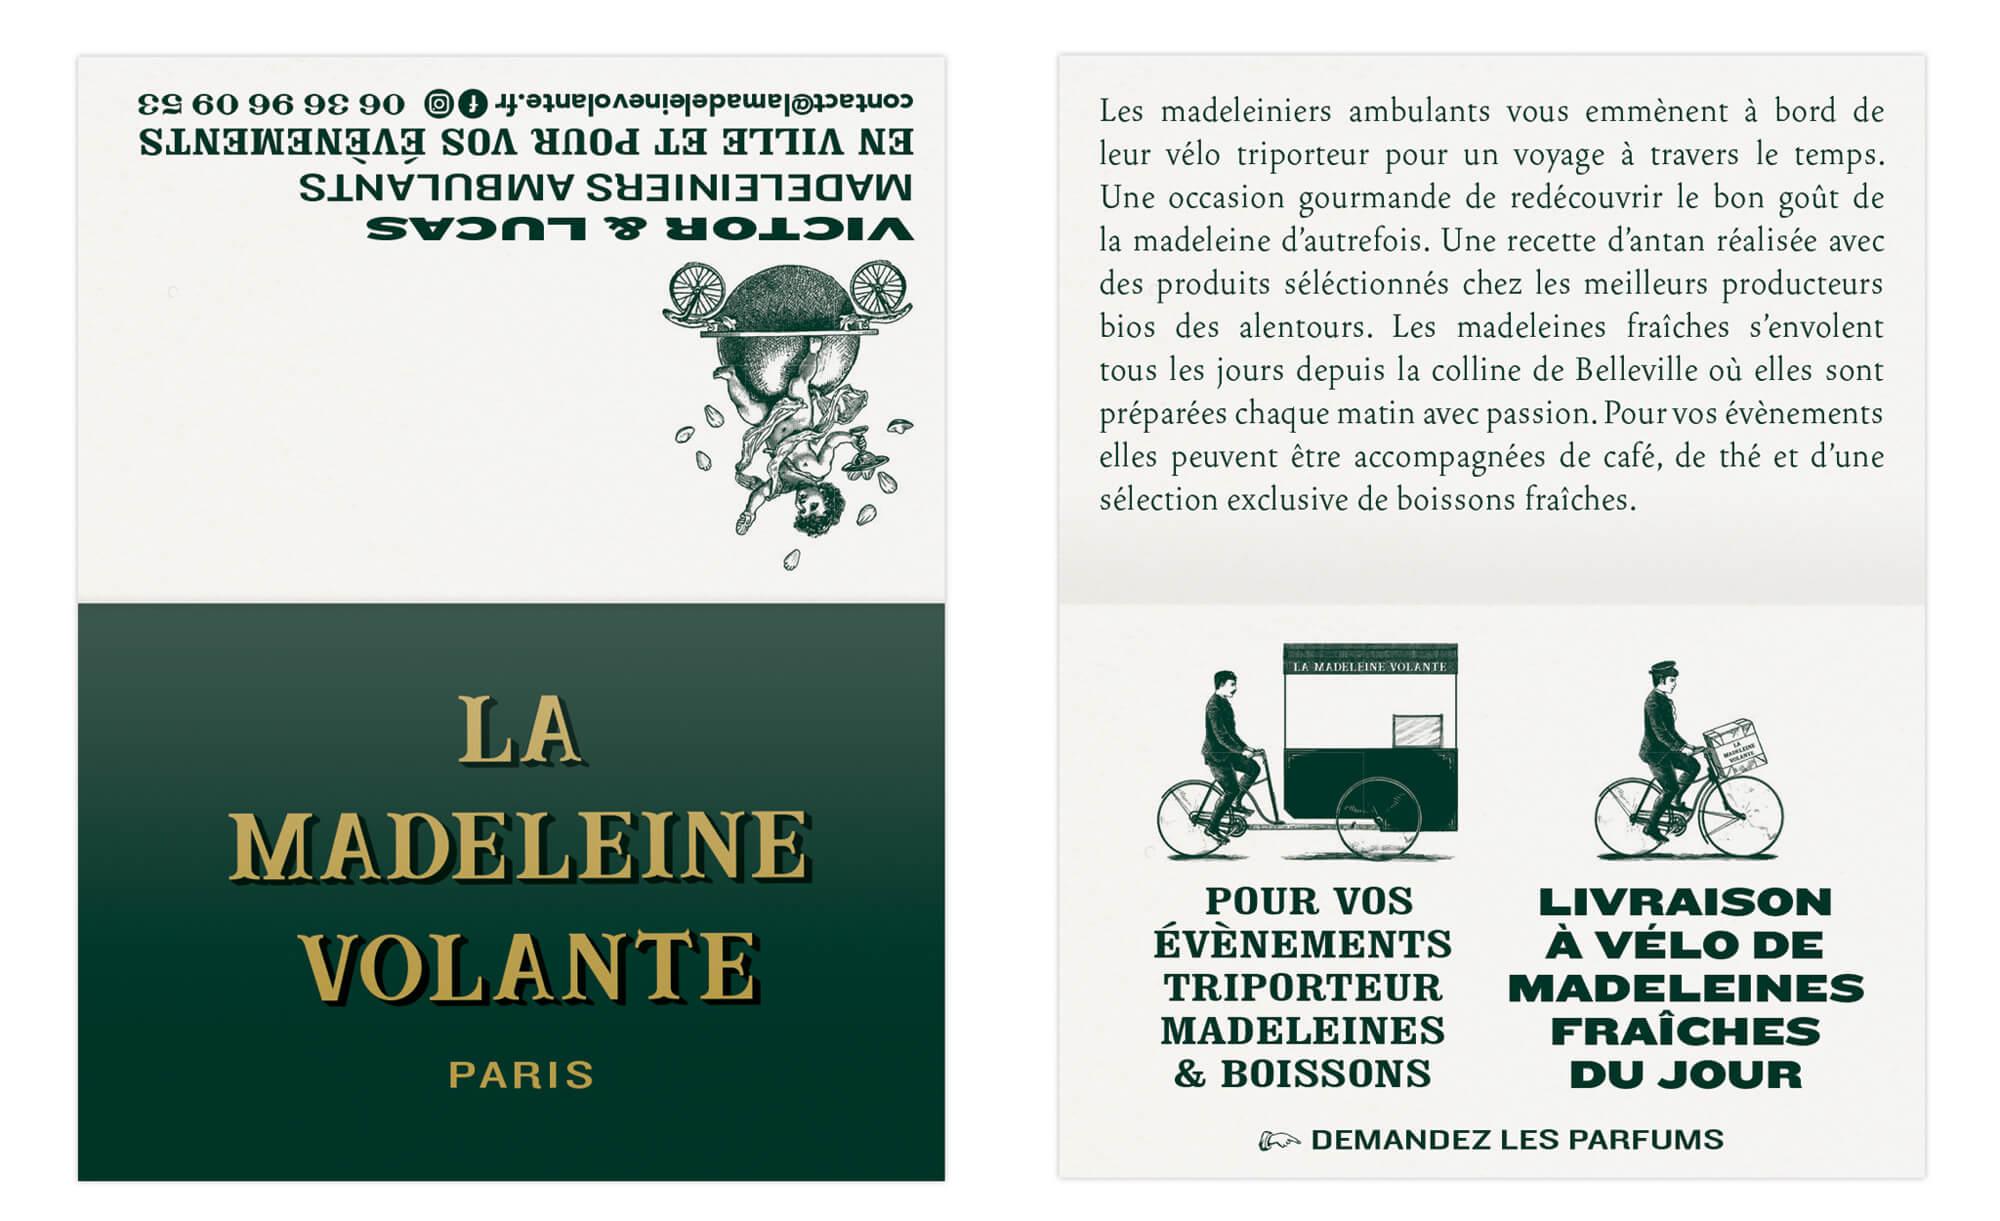 cartes de visites dépliantes de la start-up la madeleine volante dans des teintes vertes et or vintage